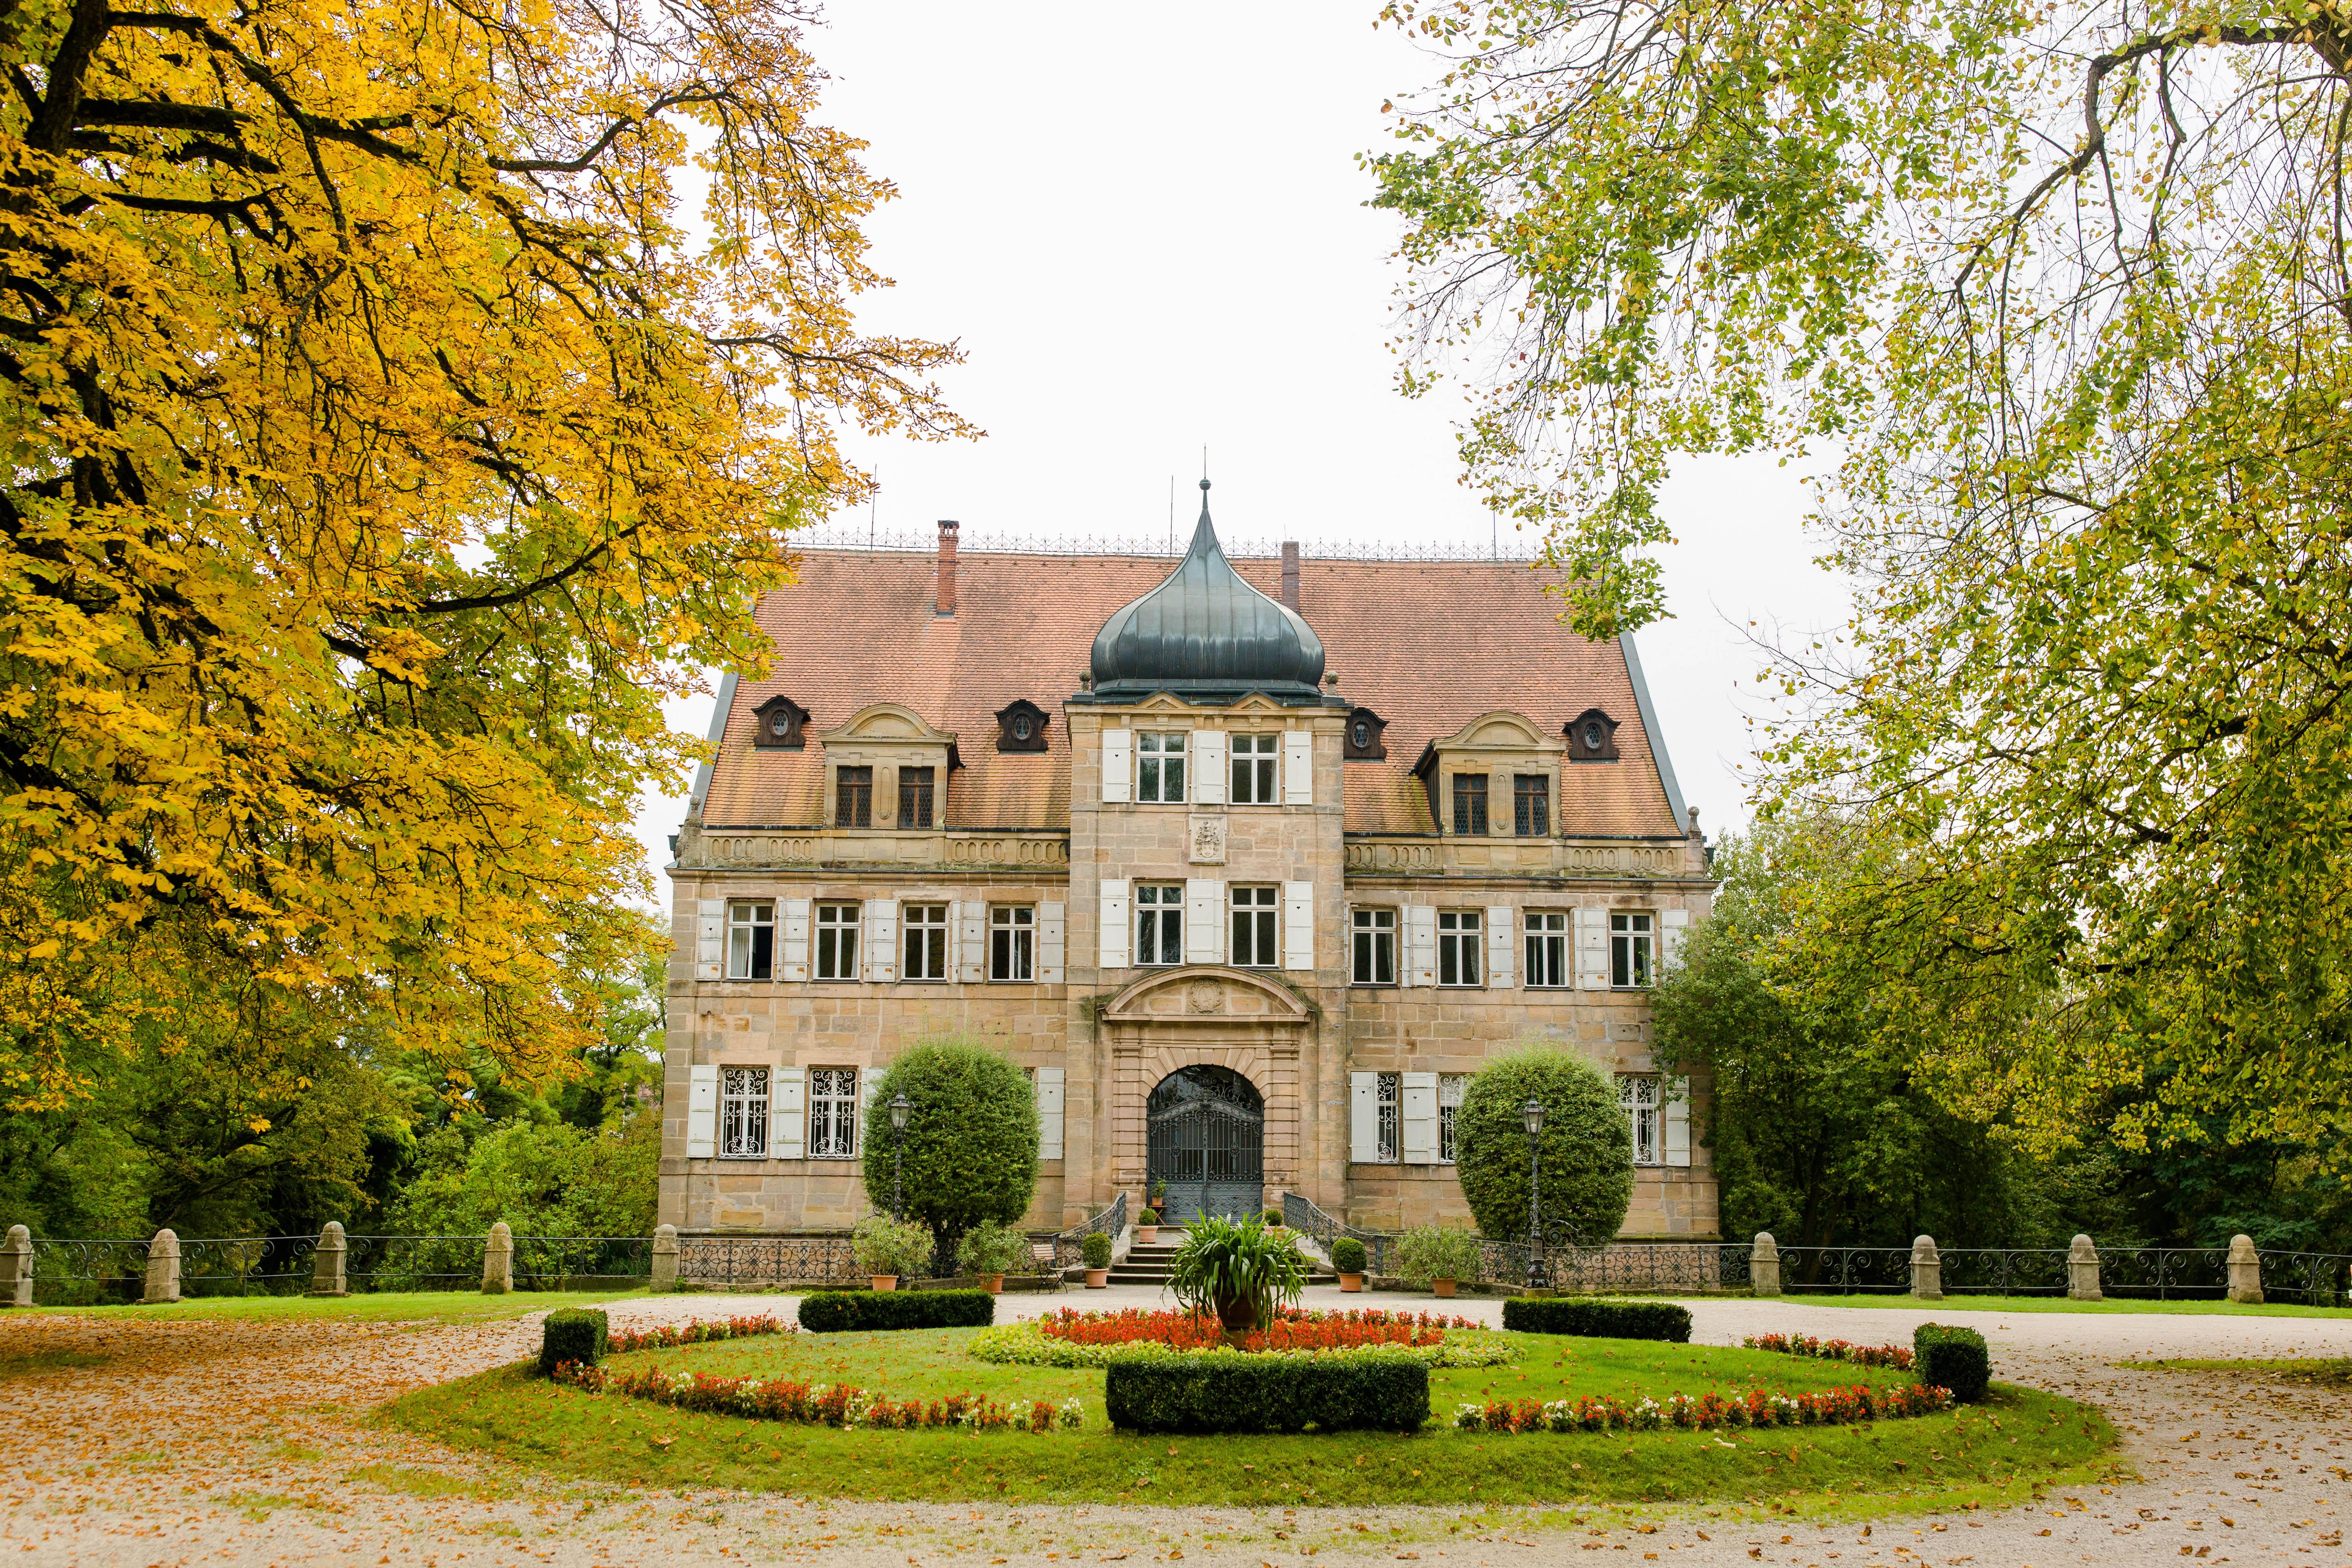 Hochzeitslocation Nürnberg